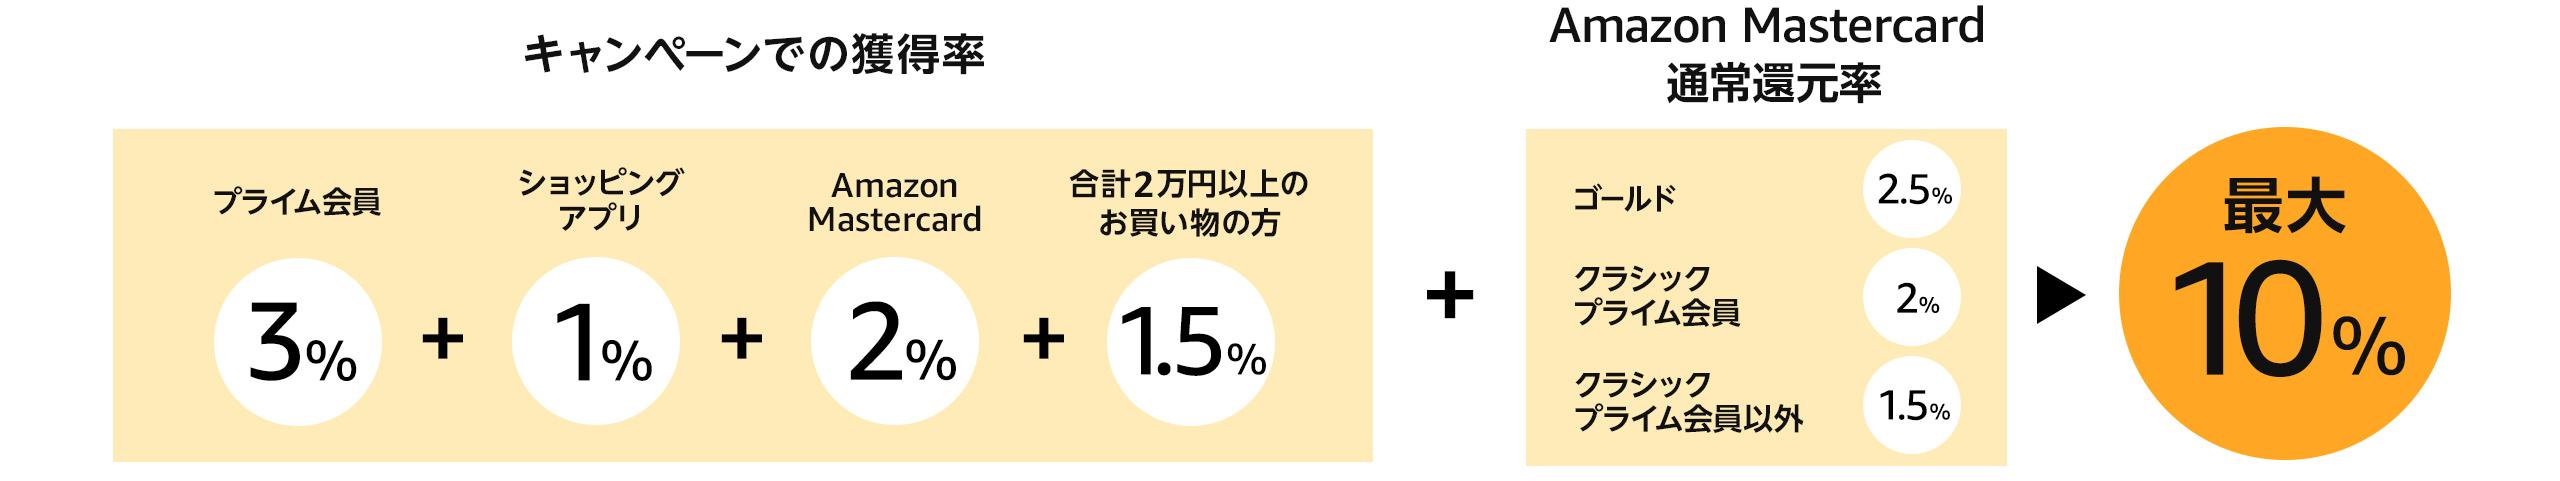 2万円以上のお買い物で1.5%+キャンペーンの獲得率(プライム会員3%+ショッピングアプリ1%+Amazon Mastercard 2%)+Amazon Mastercard通常還元率(ゴールド2.5% クラシックプライム会員2% クラシック会員1.5%)→最大10%(上限5,000ポイント)